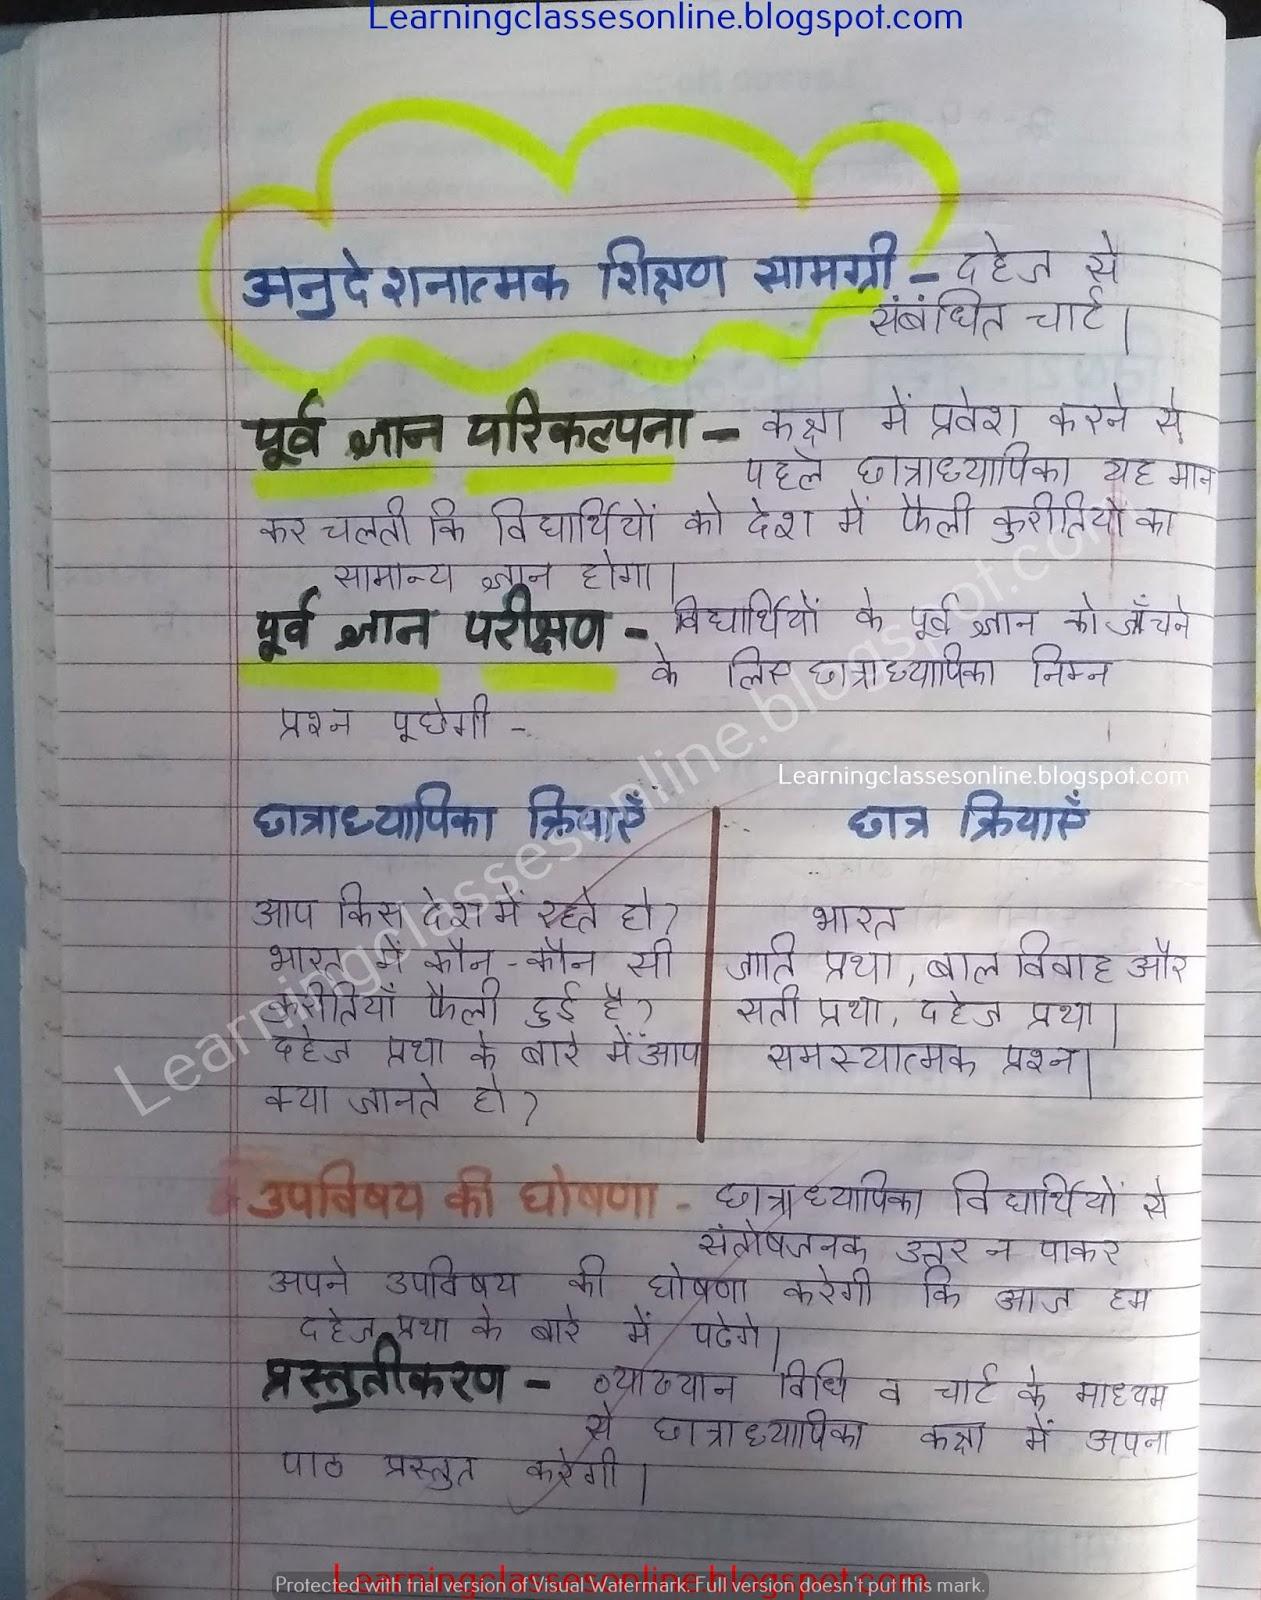 dahej pratha par shikshako evam adhyapako k liye lesson plan paath yojana for middle and high school